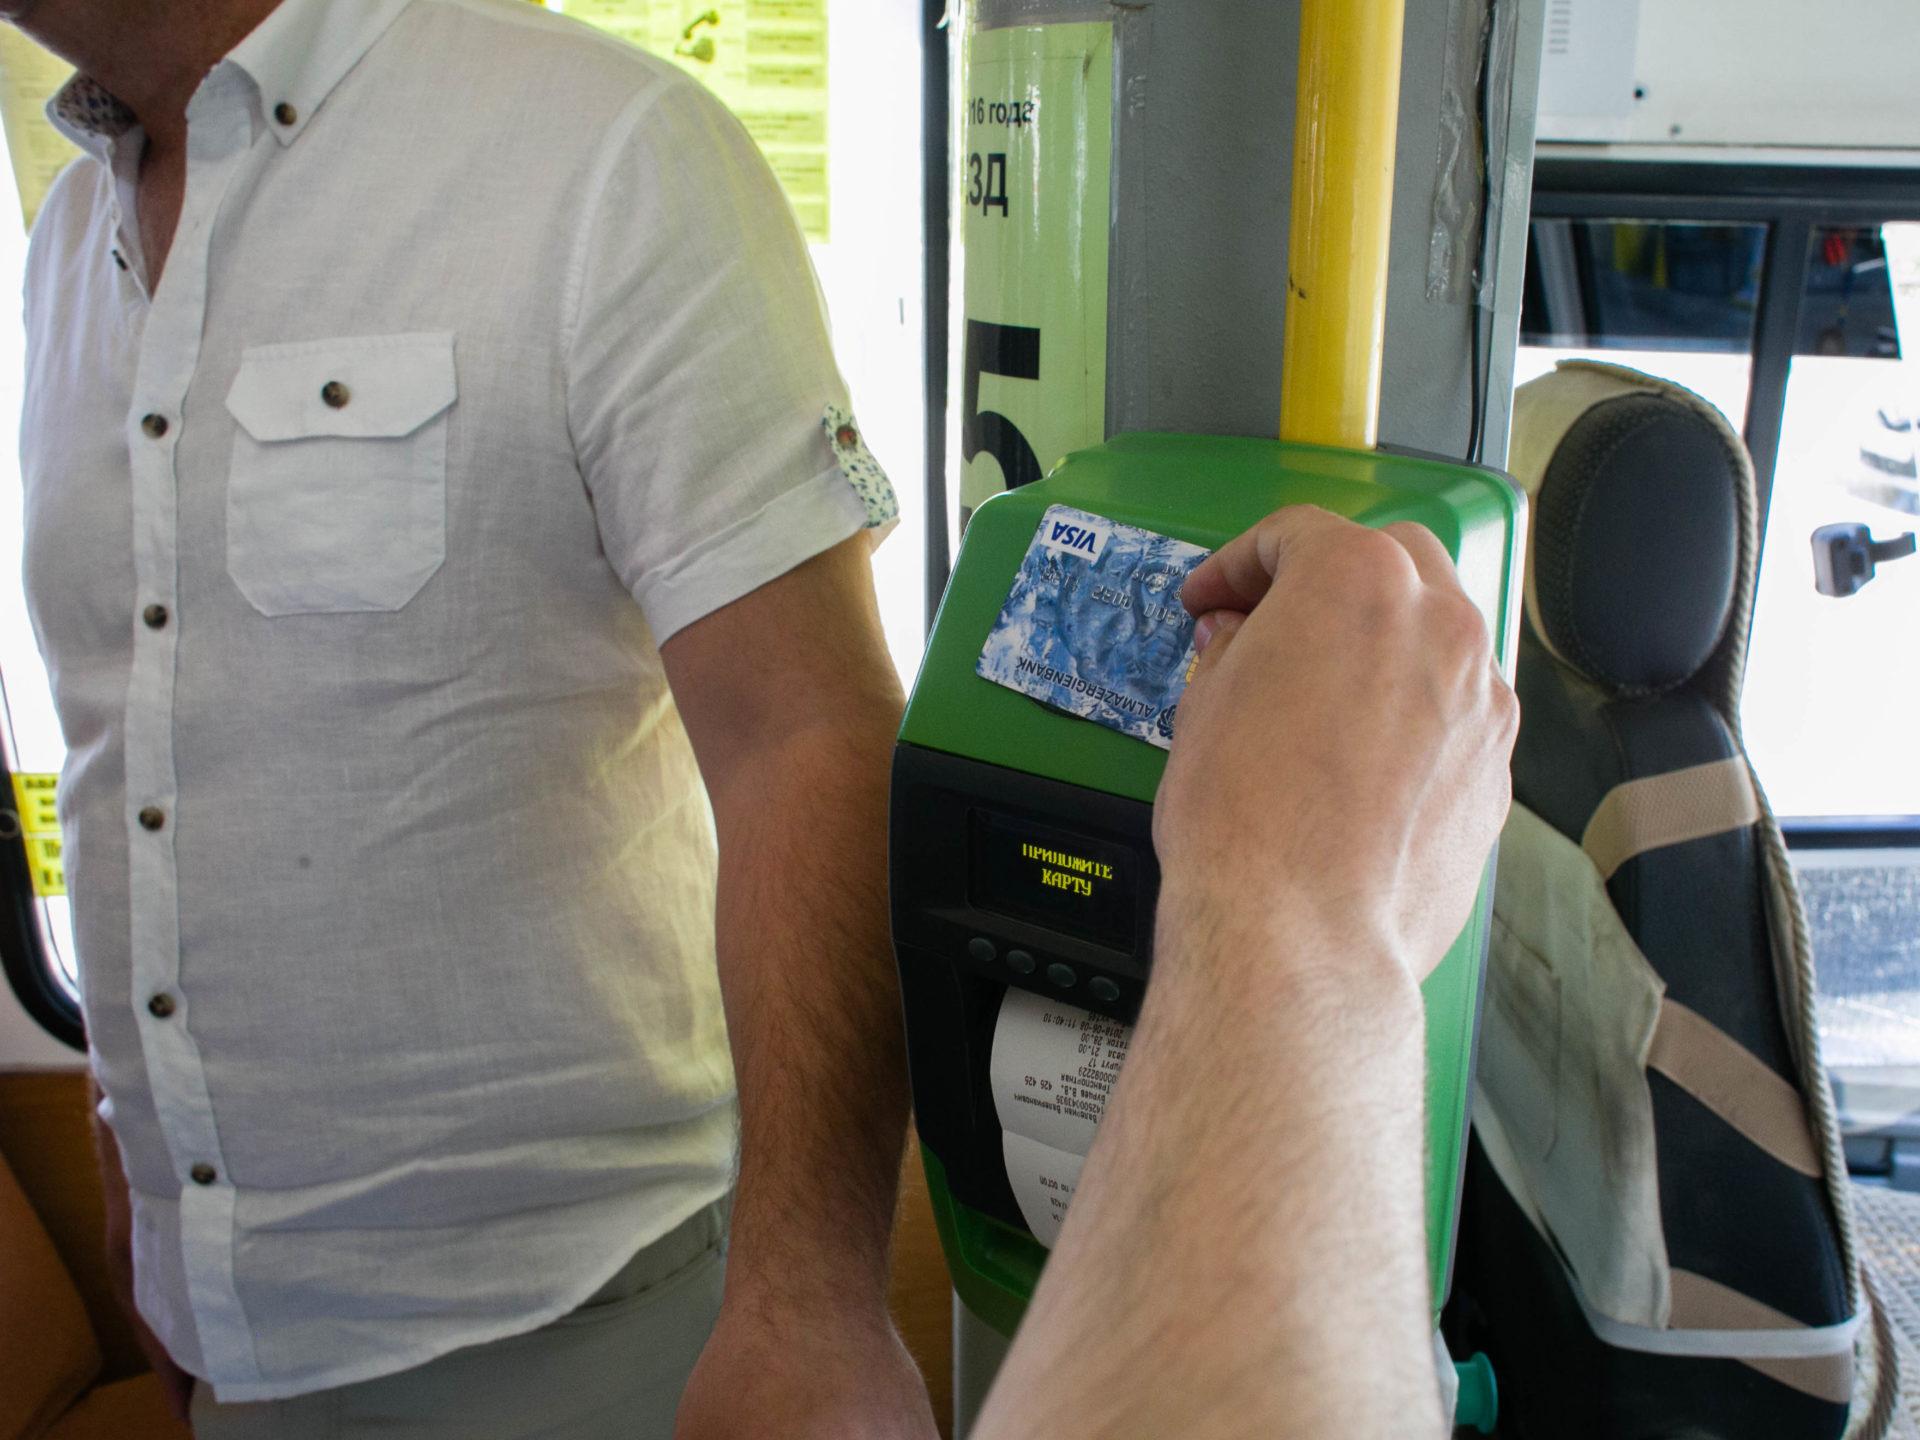 1 июля в Якутске запустят первую в России универсальную систему оплаты проезда